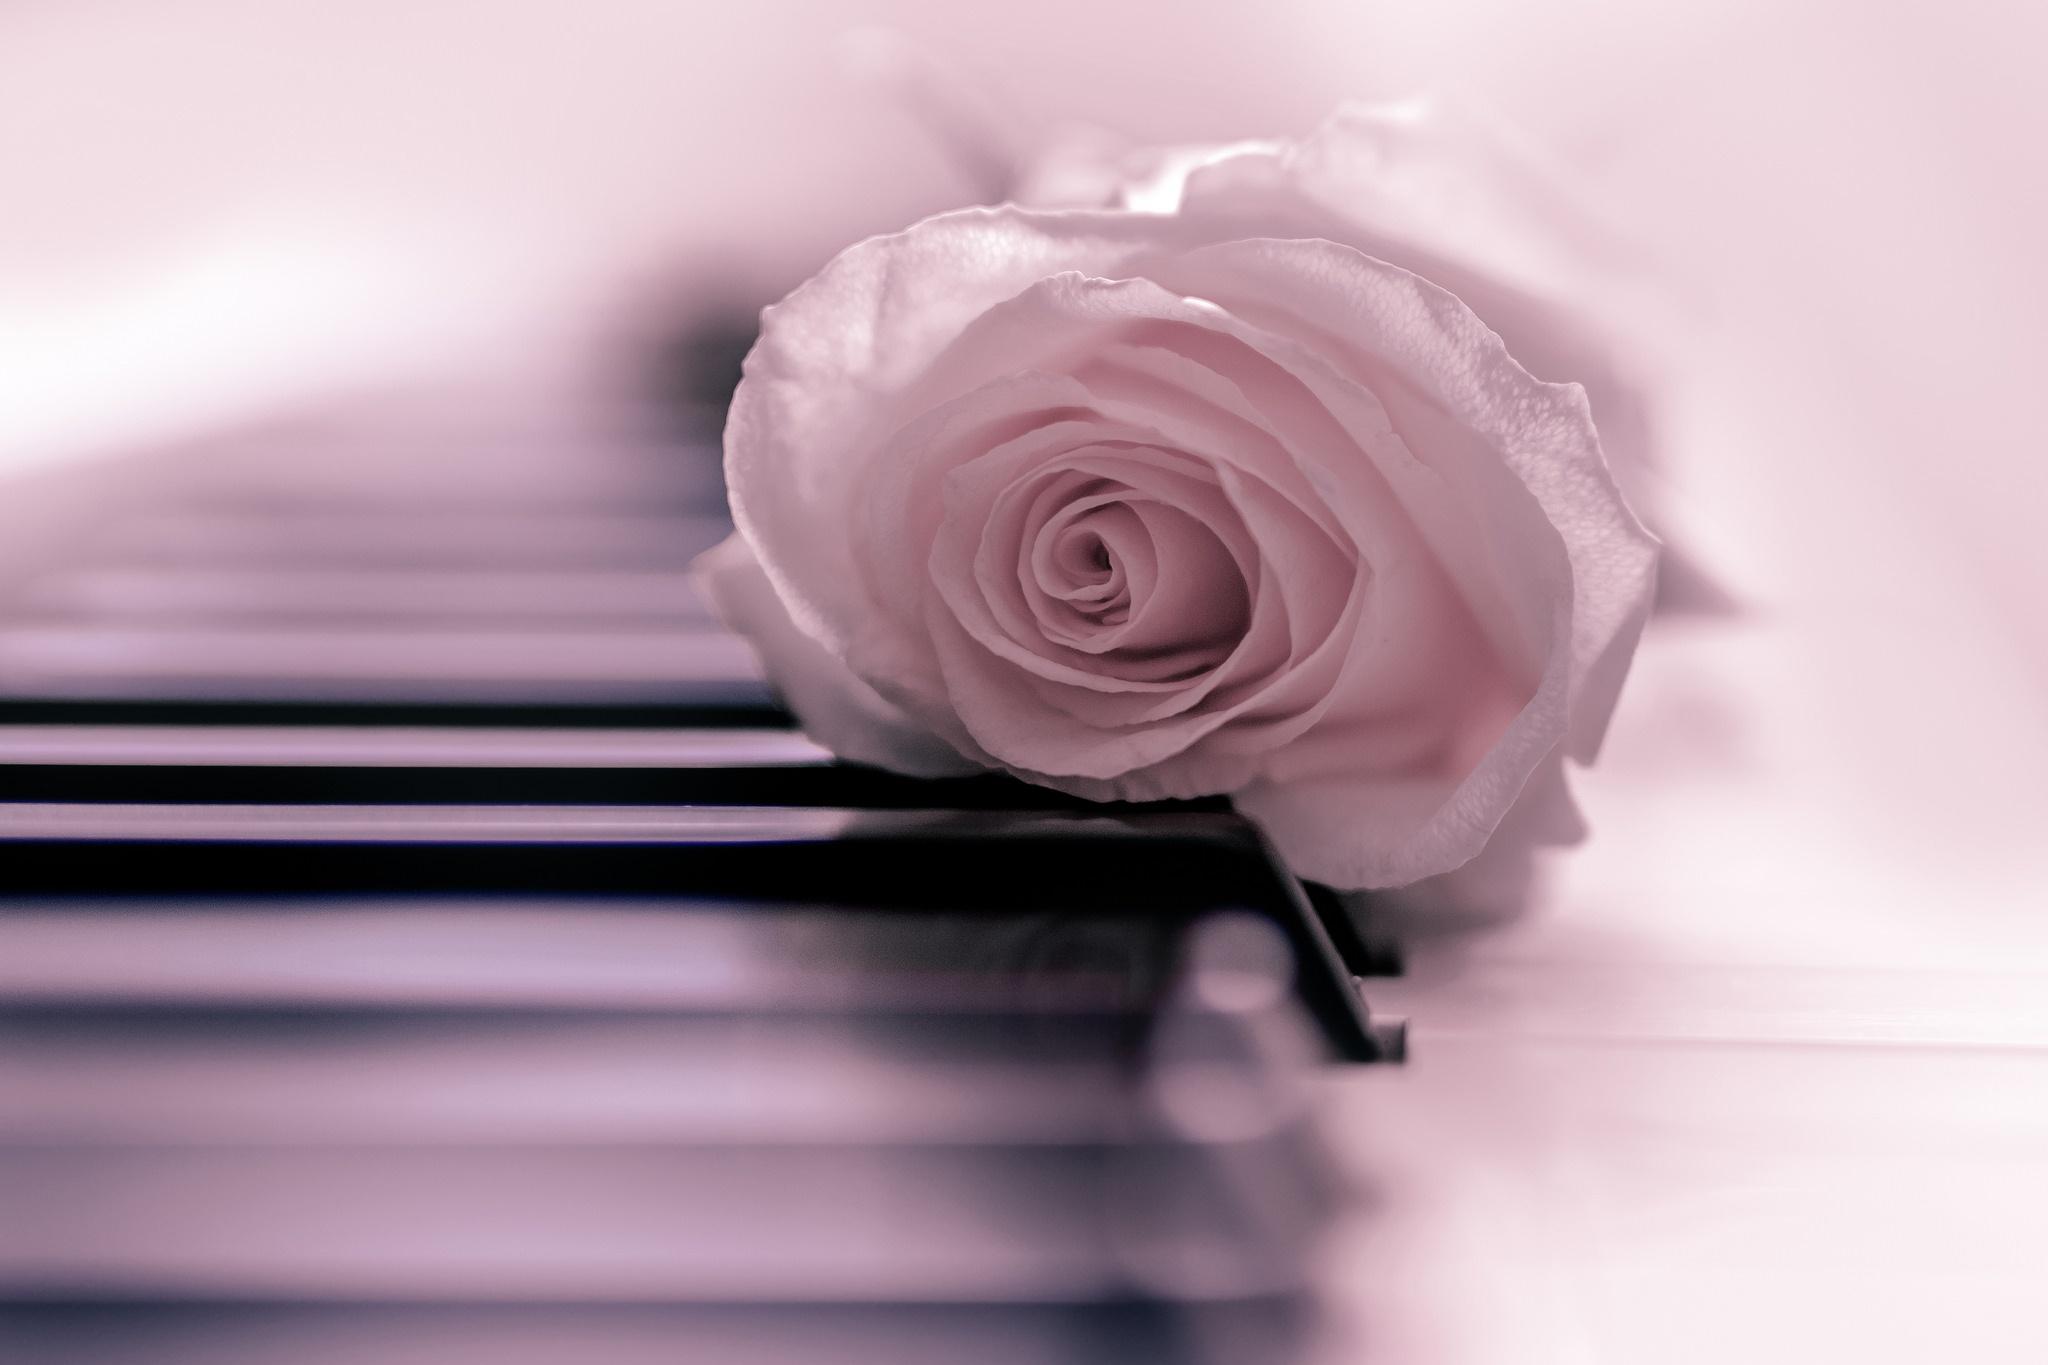 отправляясь прогулку, картинка роза и пианино фотографов